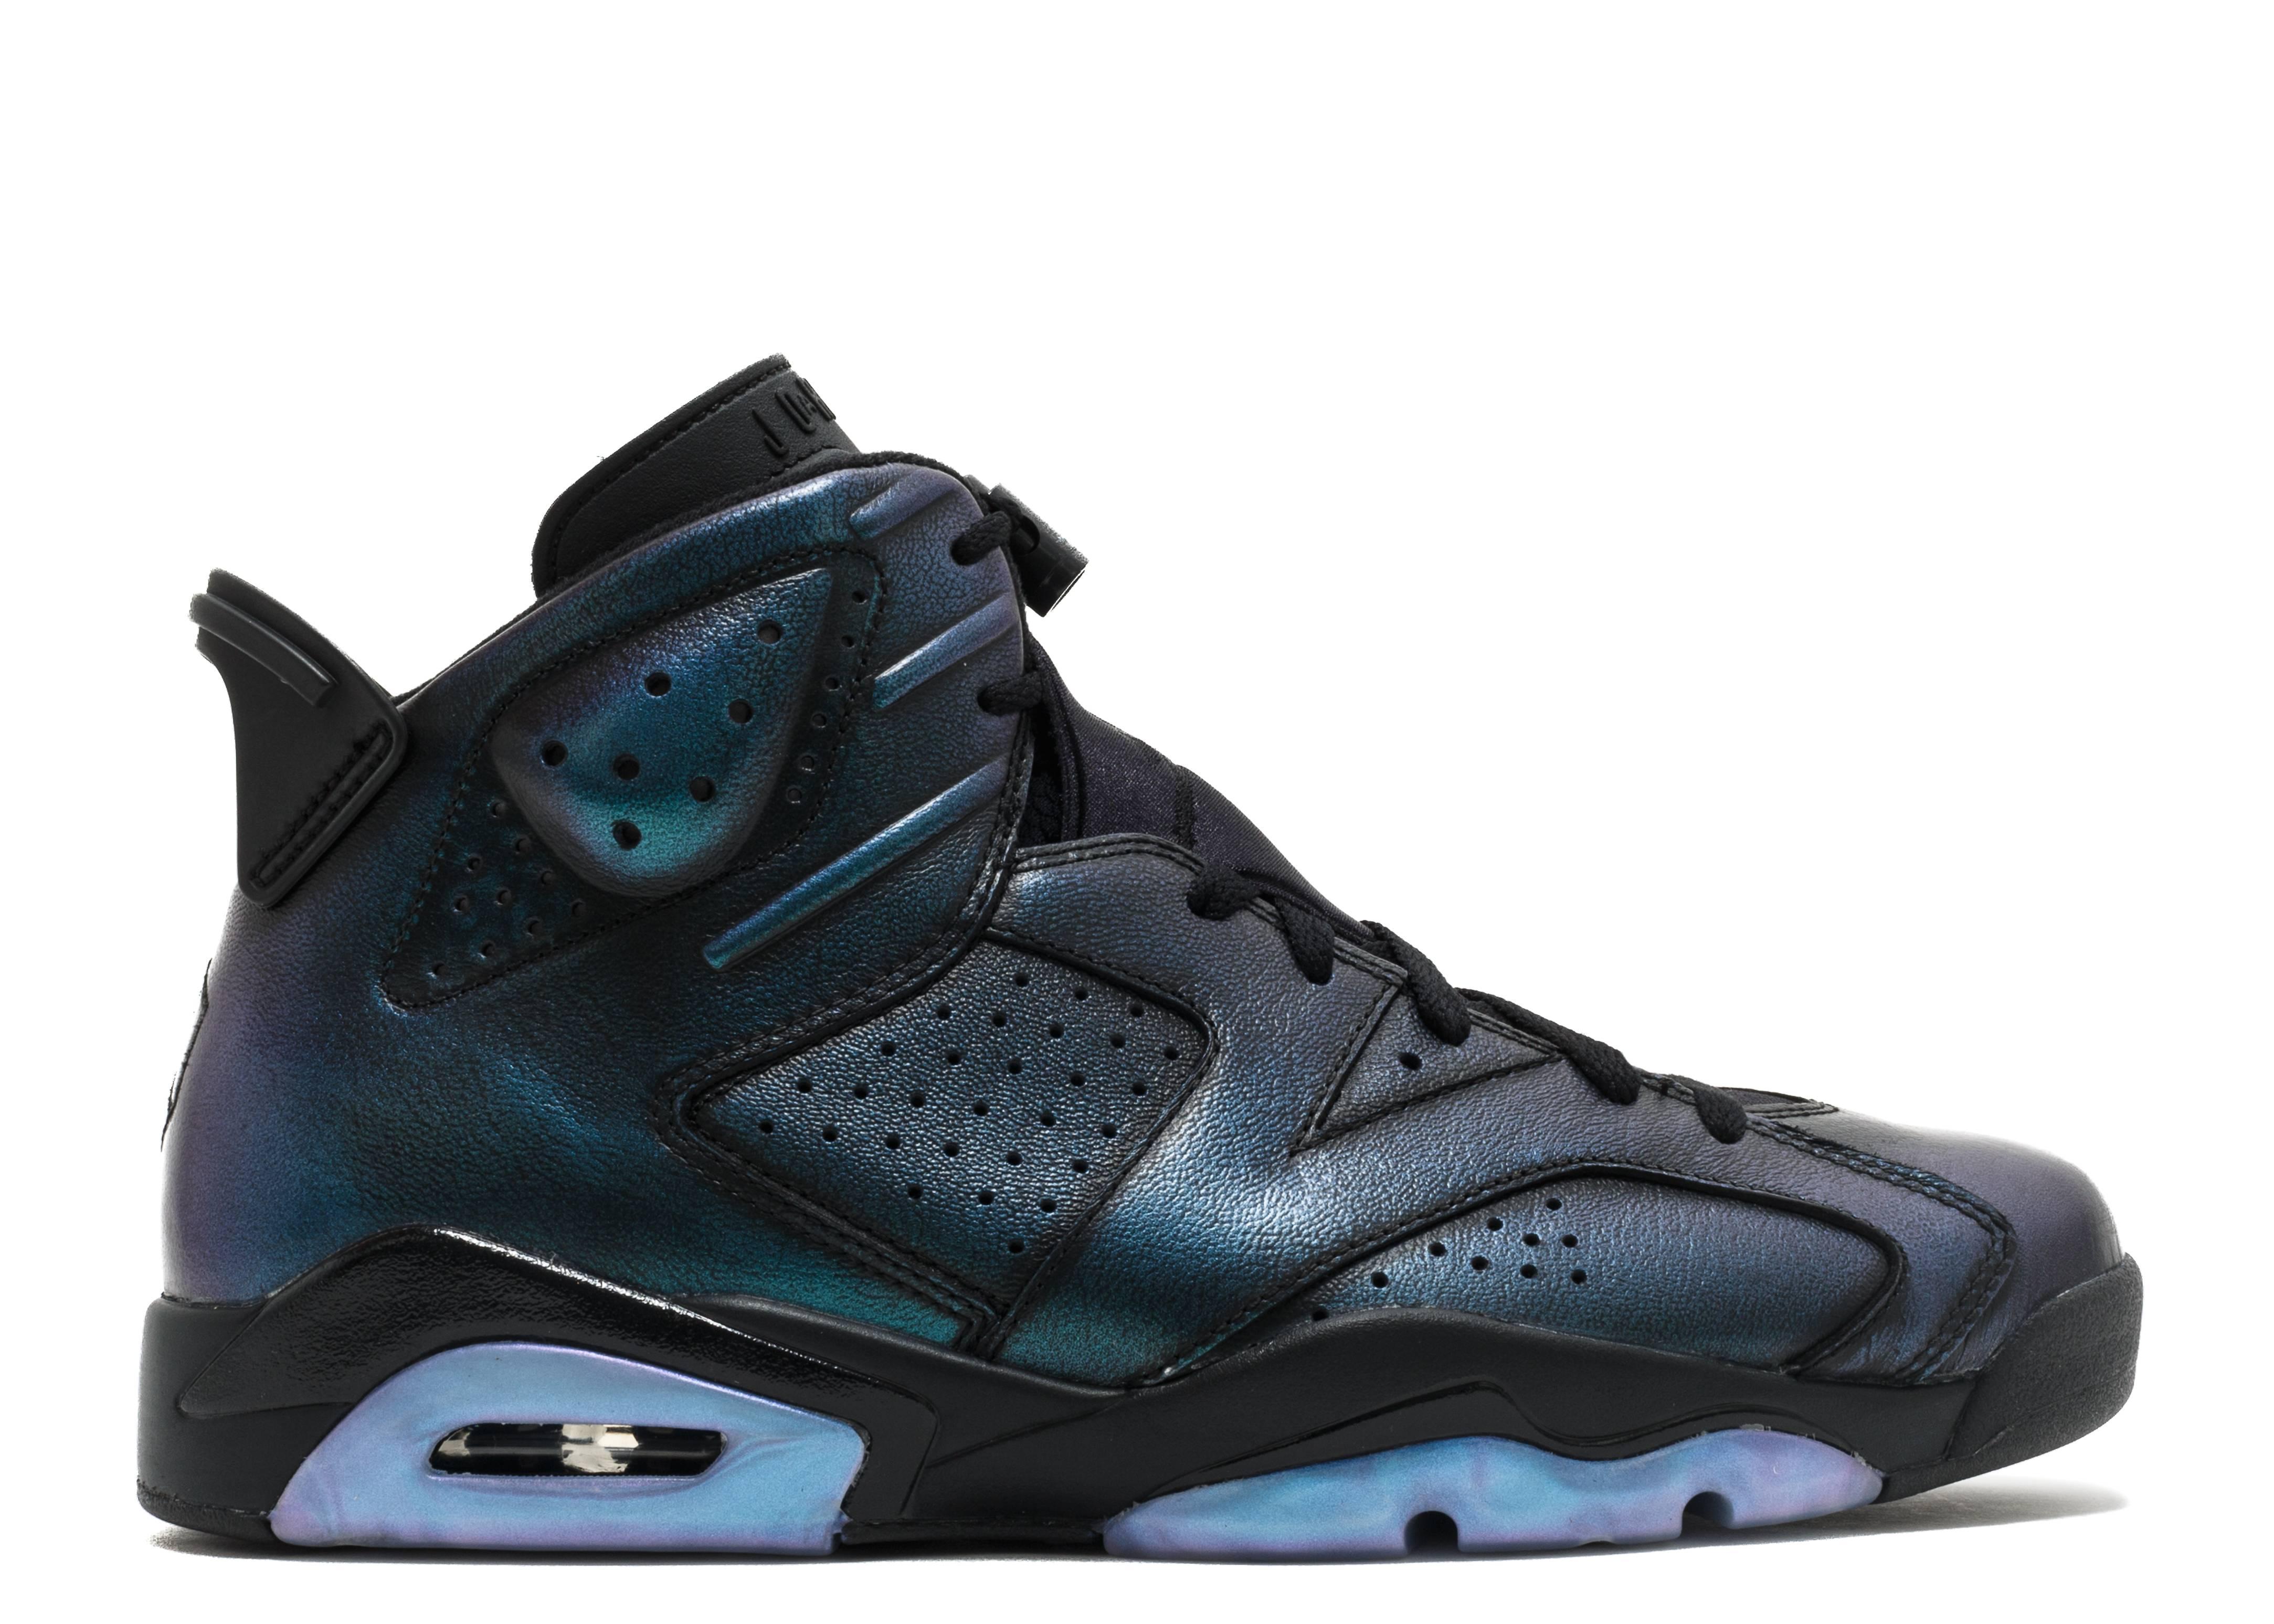 551ddba202821 Air Jordan 6 Retro As